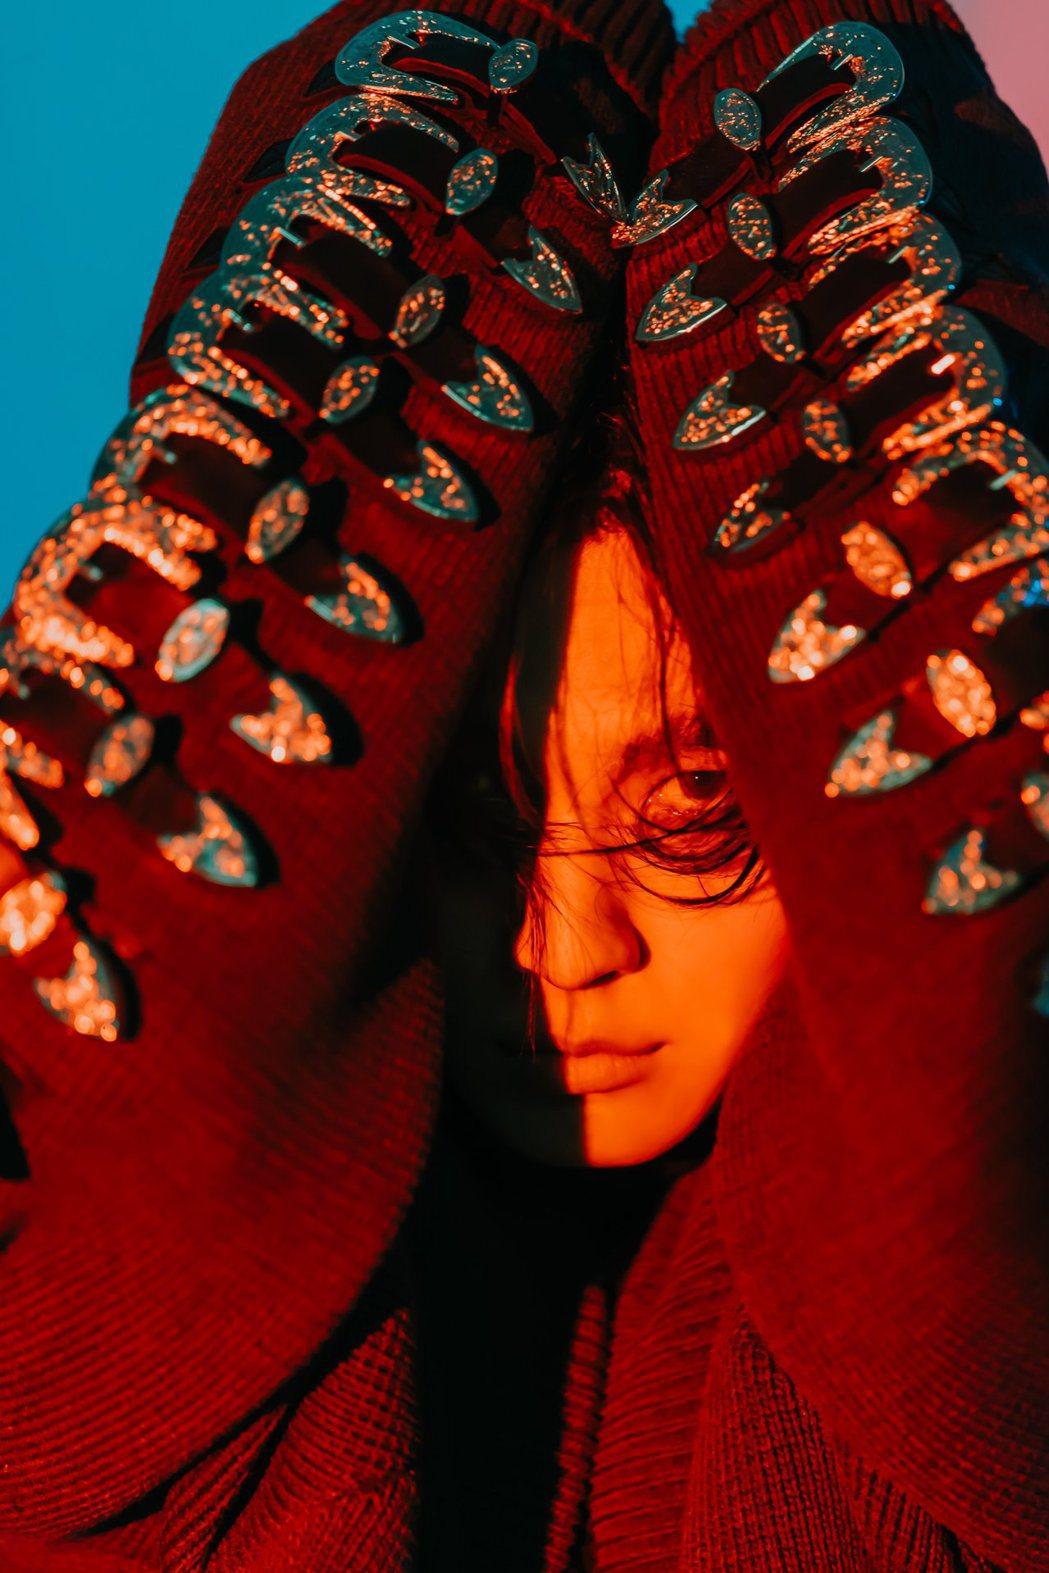 炎亞綸為新專輯視覺意象,大膽挑戰頹廢造型風格與凌亂野蠻妝。圖/索尼提供